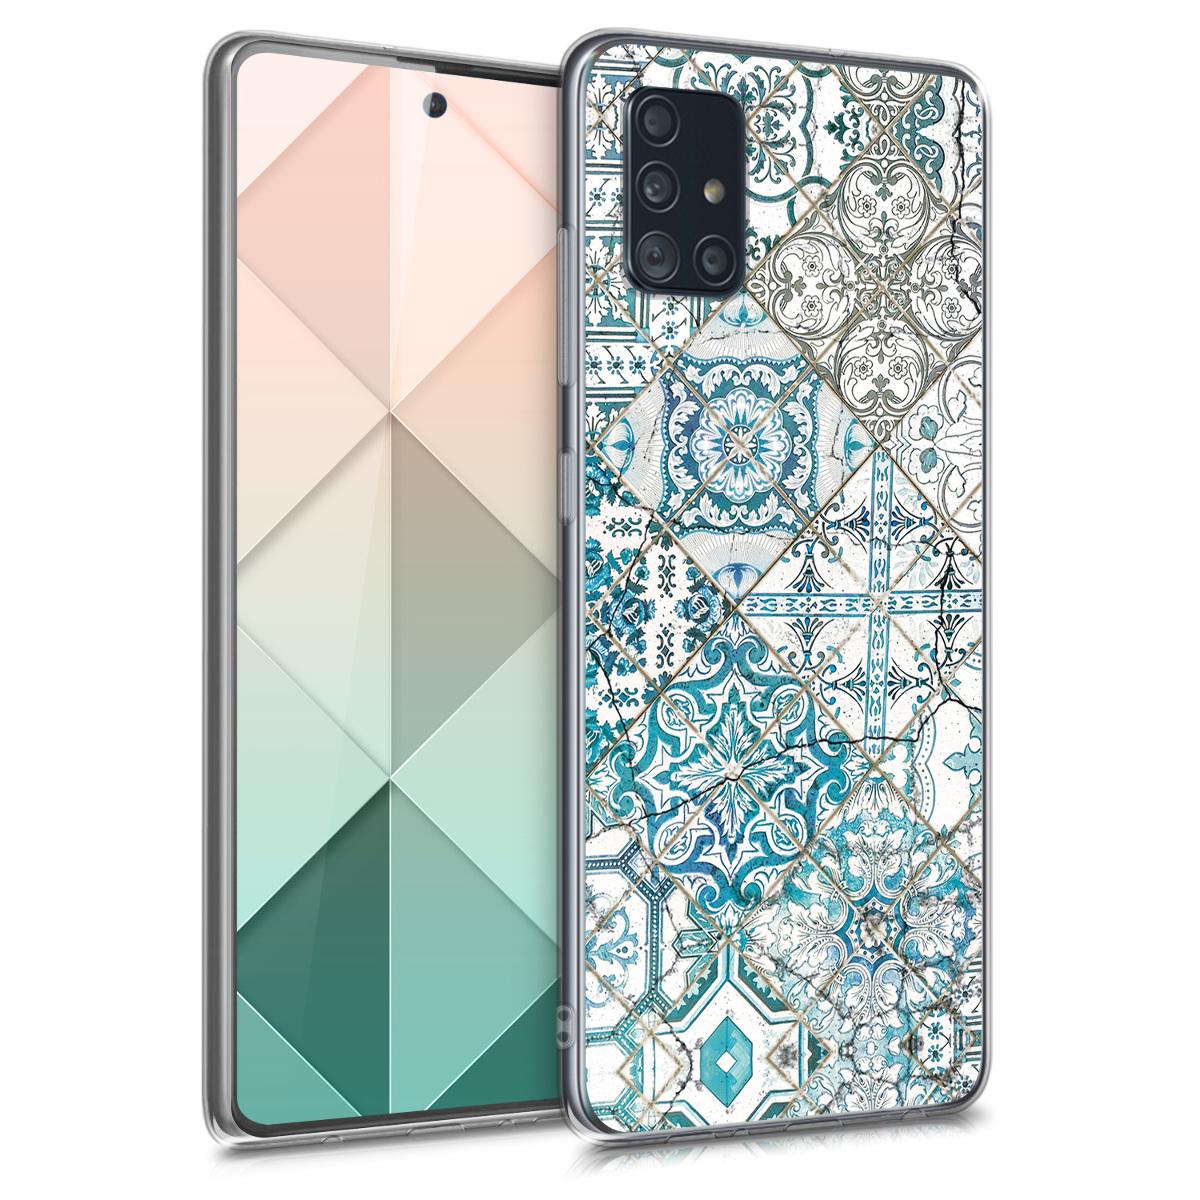 Kvalitní silikonové TPU pouzdro pro Samsung A51 - Moroccan Vibes monochromaticky modré / šedé / bílá